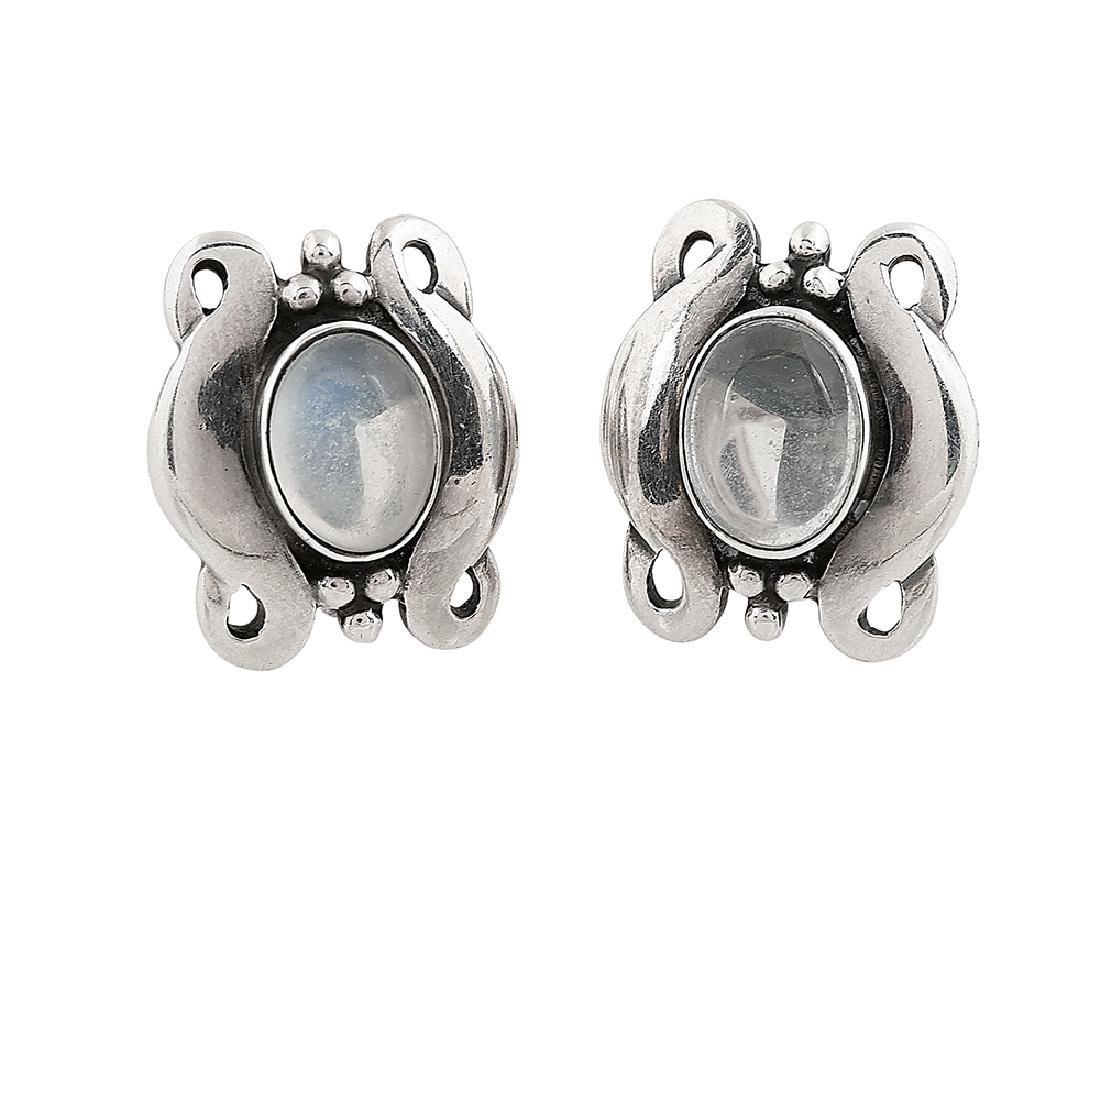 The Kalo Shop earclip earrings